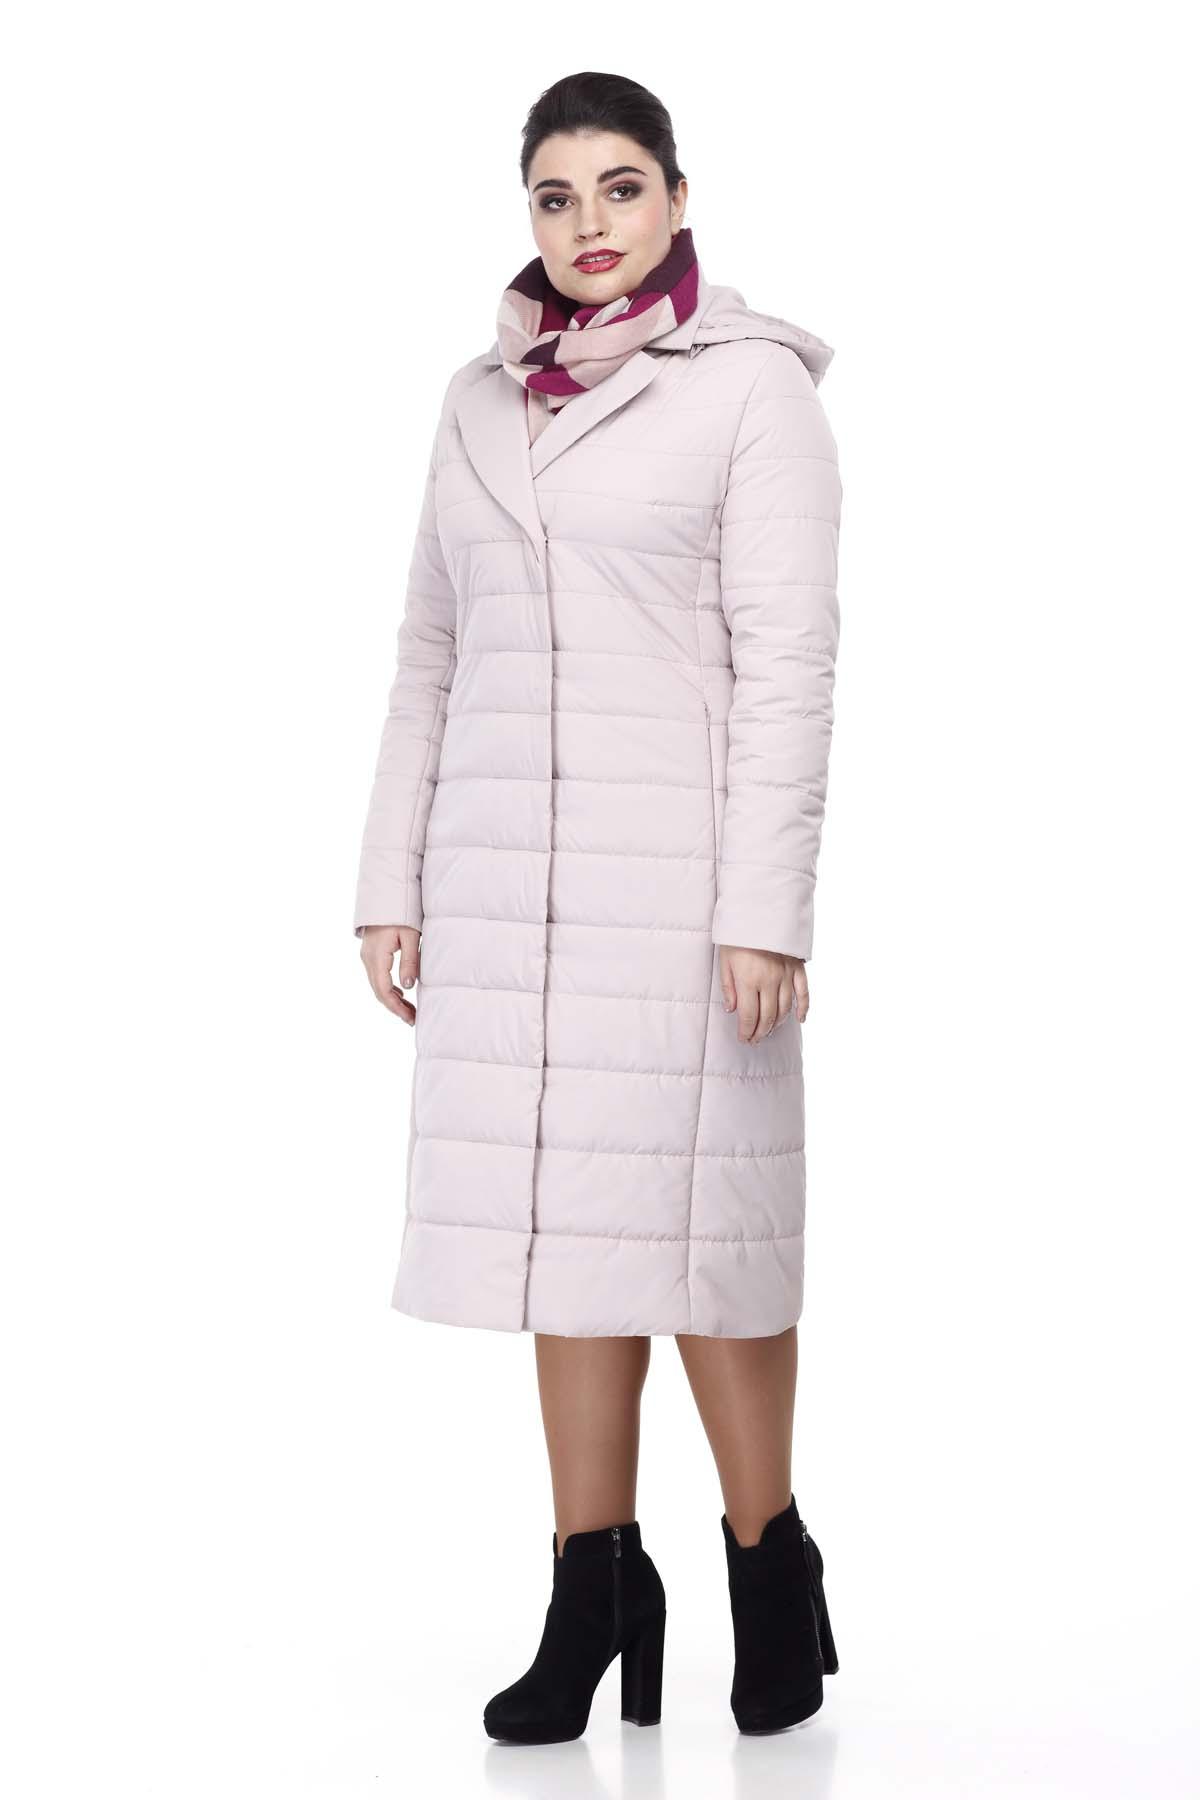 Пальто стеганое Венера, пудра